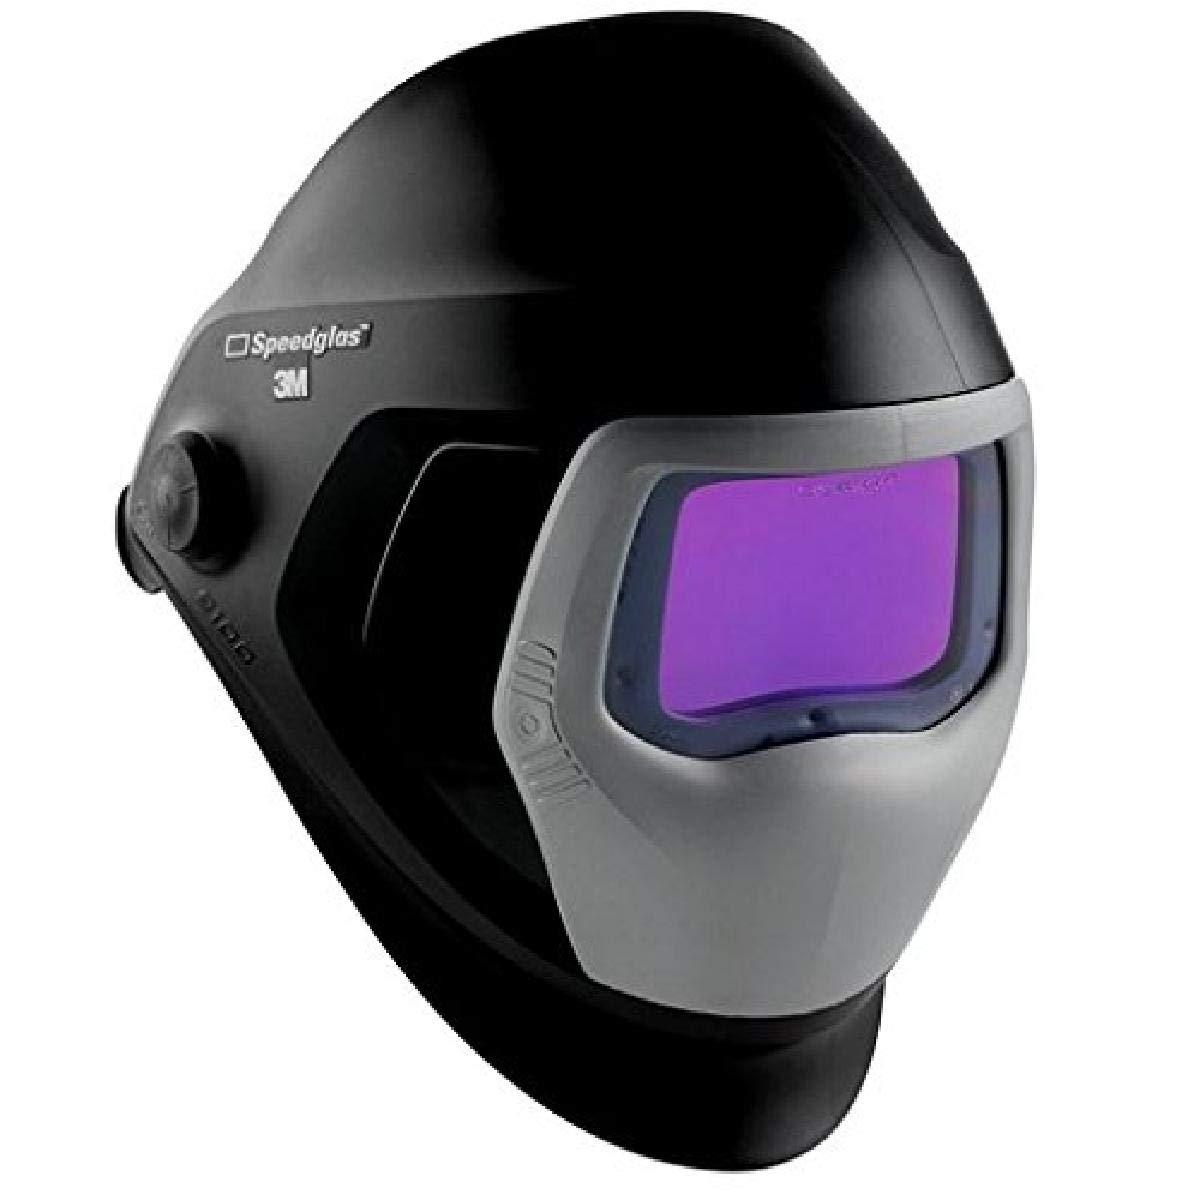 3M Speedglas Welding Helmets